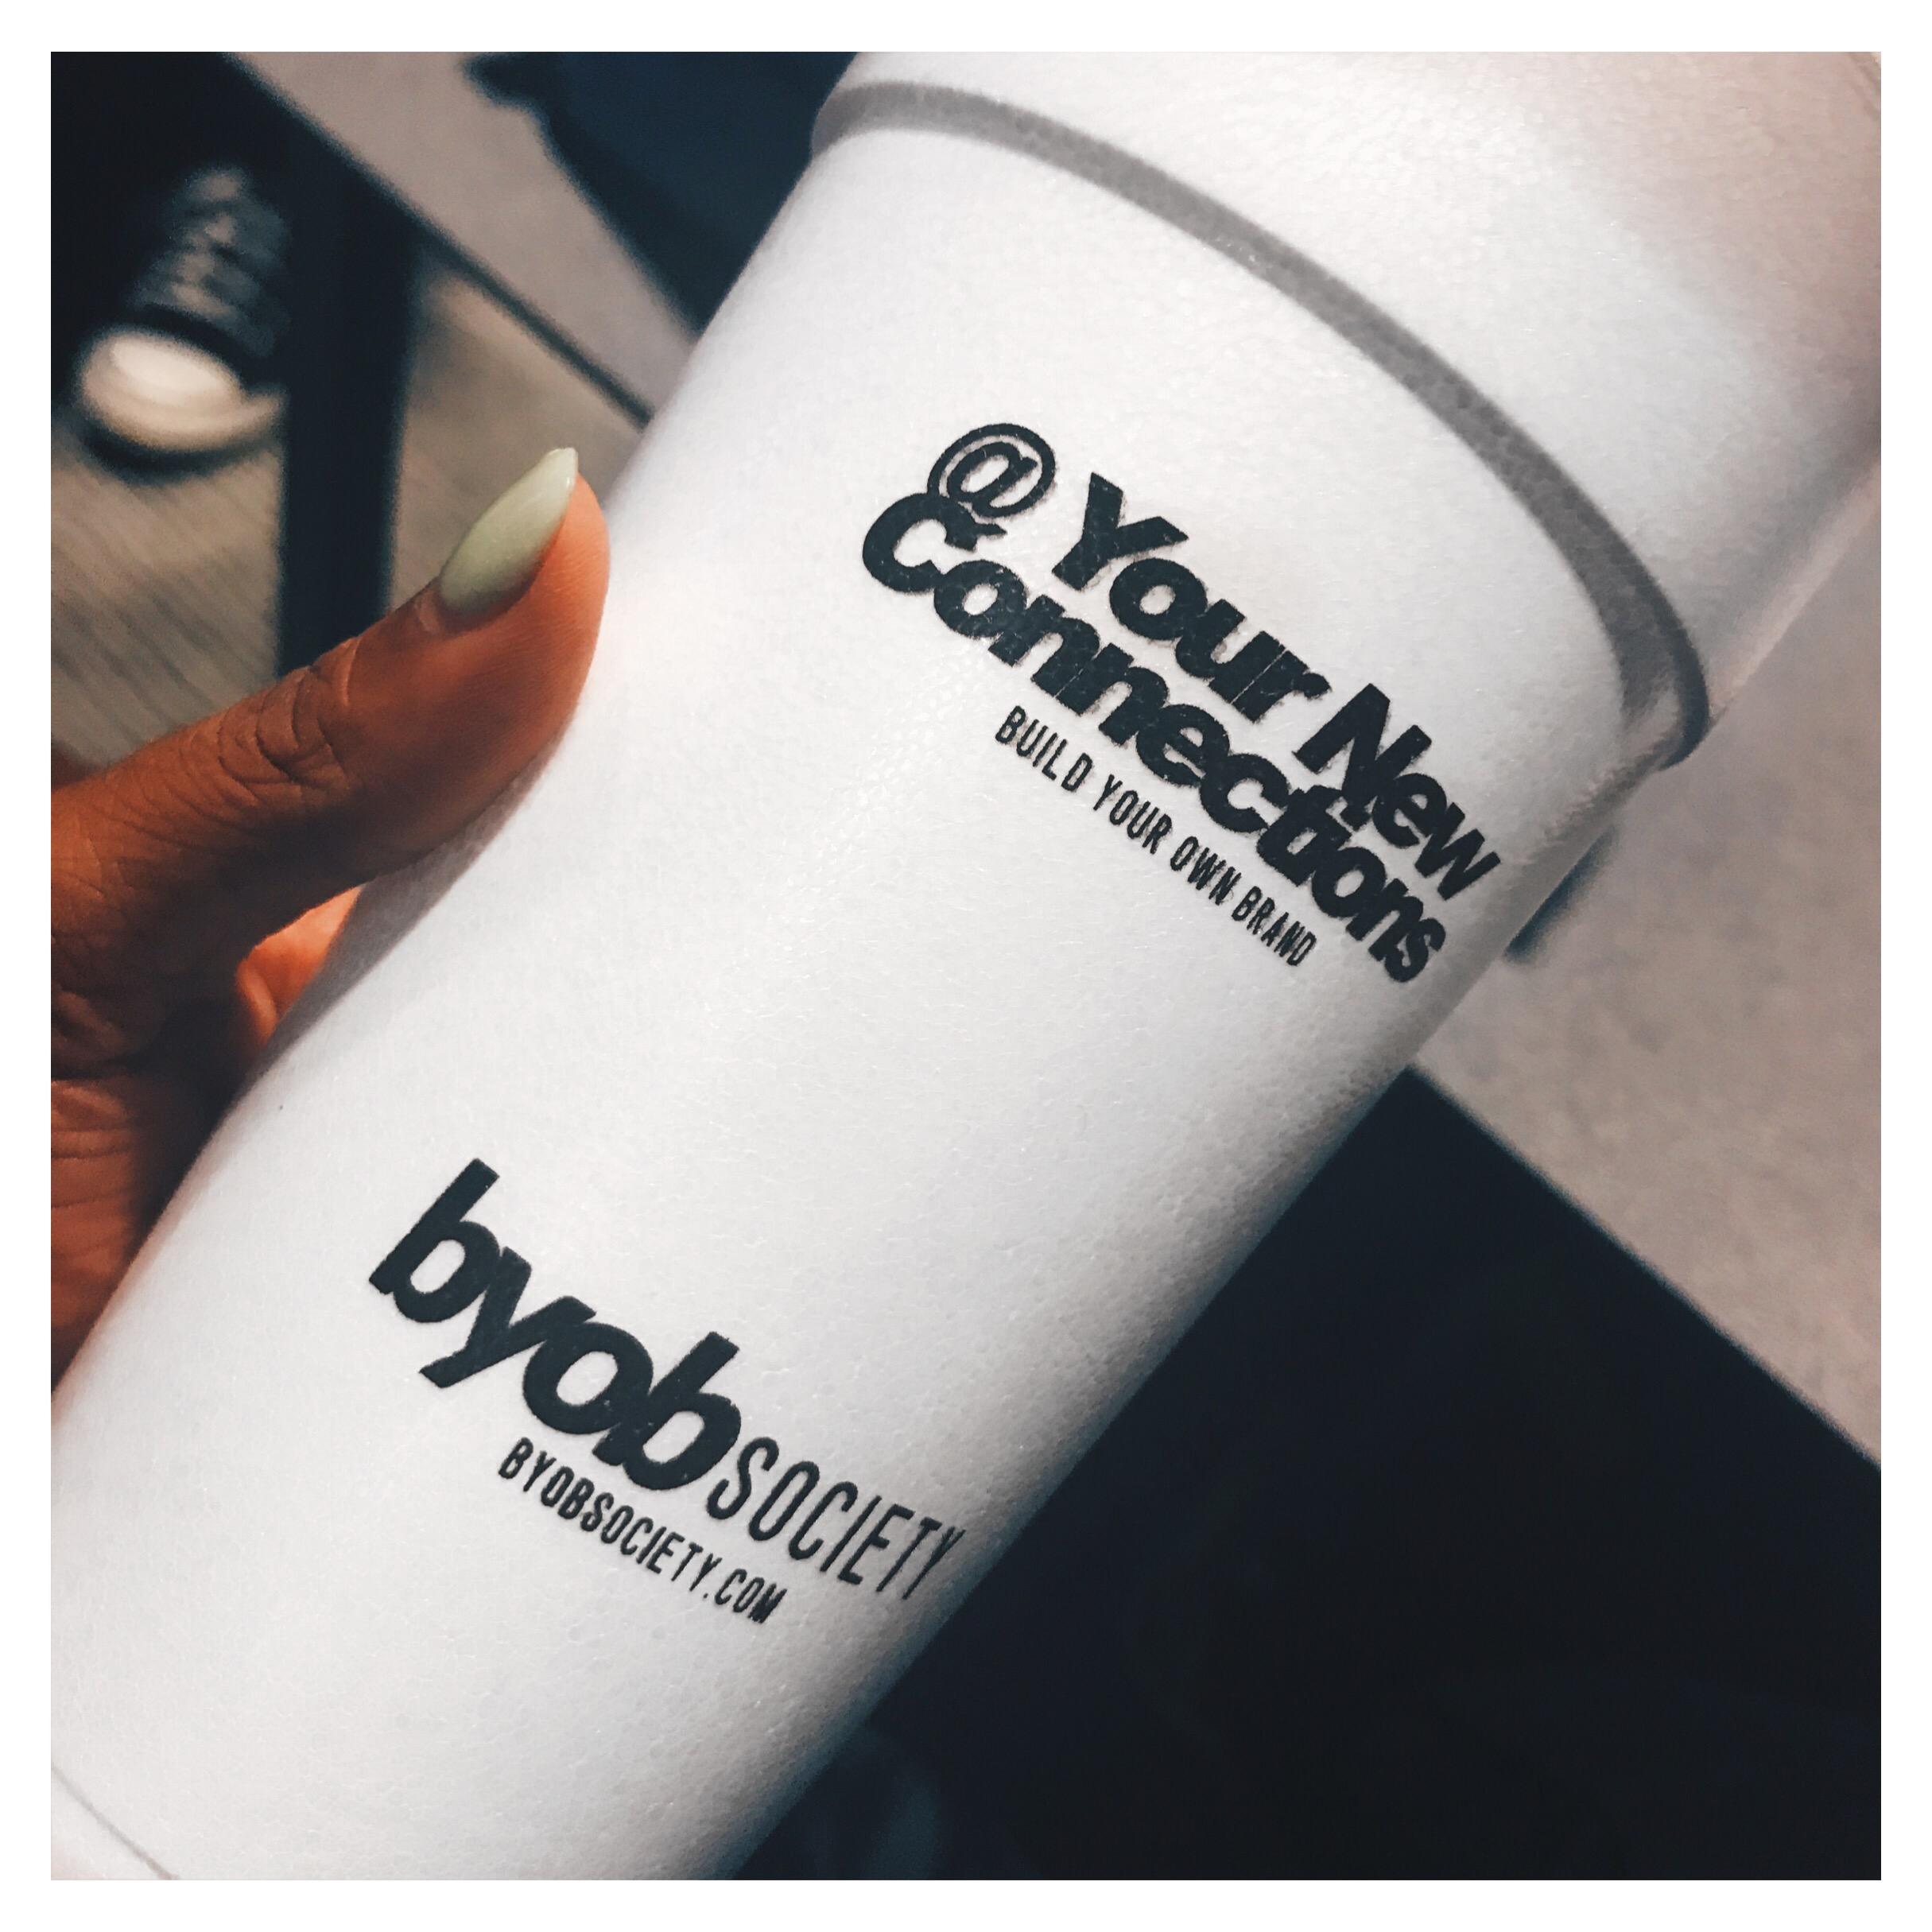 The BYOB Netowrking Cup